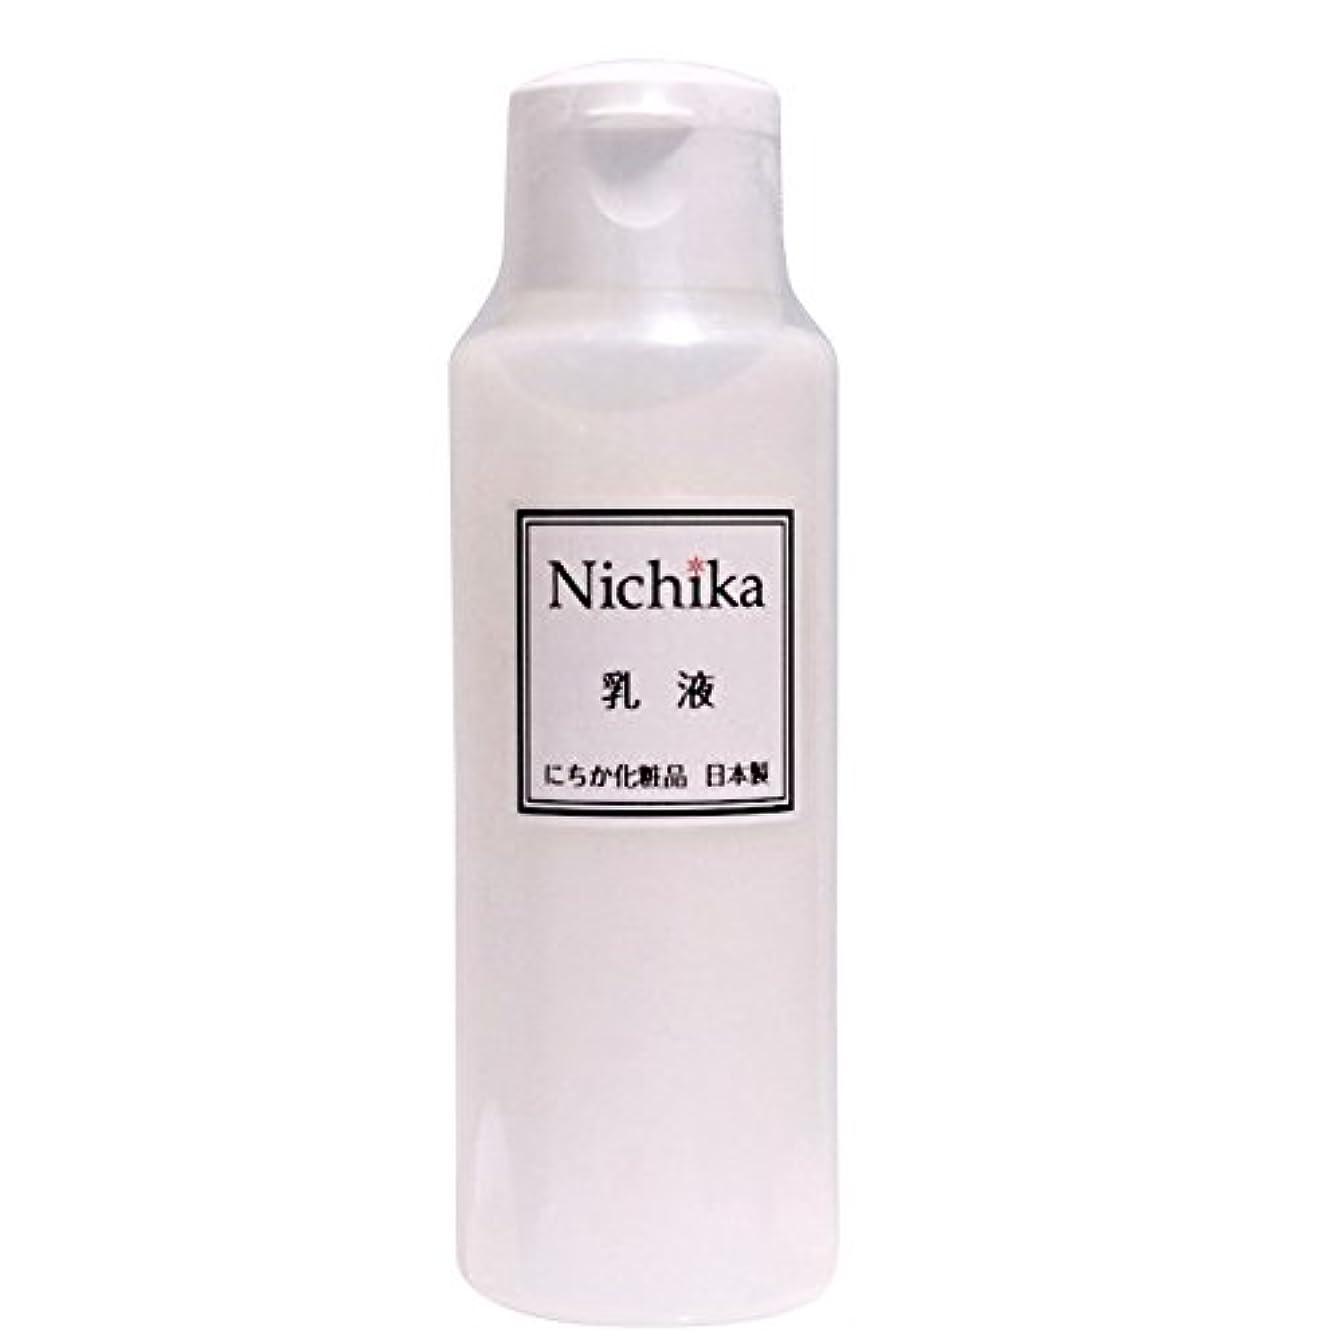 ガイド救援ビタミンにちか乳液 内容量100ml 日本製 『ワンランク上の潤いハリ肌』を『リーズナブル』に。  ヒアルロン酸の1.3倍の保水力があるプロテオグリカン配合。 素早く水分と油分の膜を作り、うるおい成分を肌に届け 水分と油分のバランス...